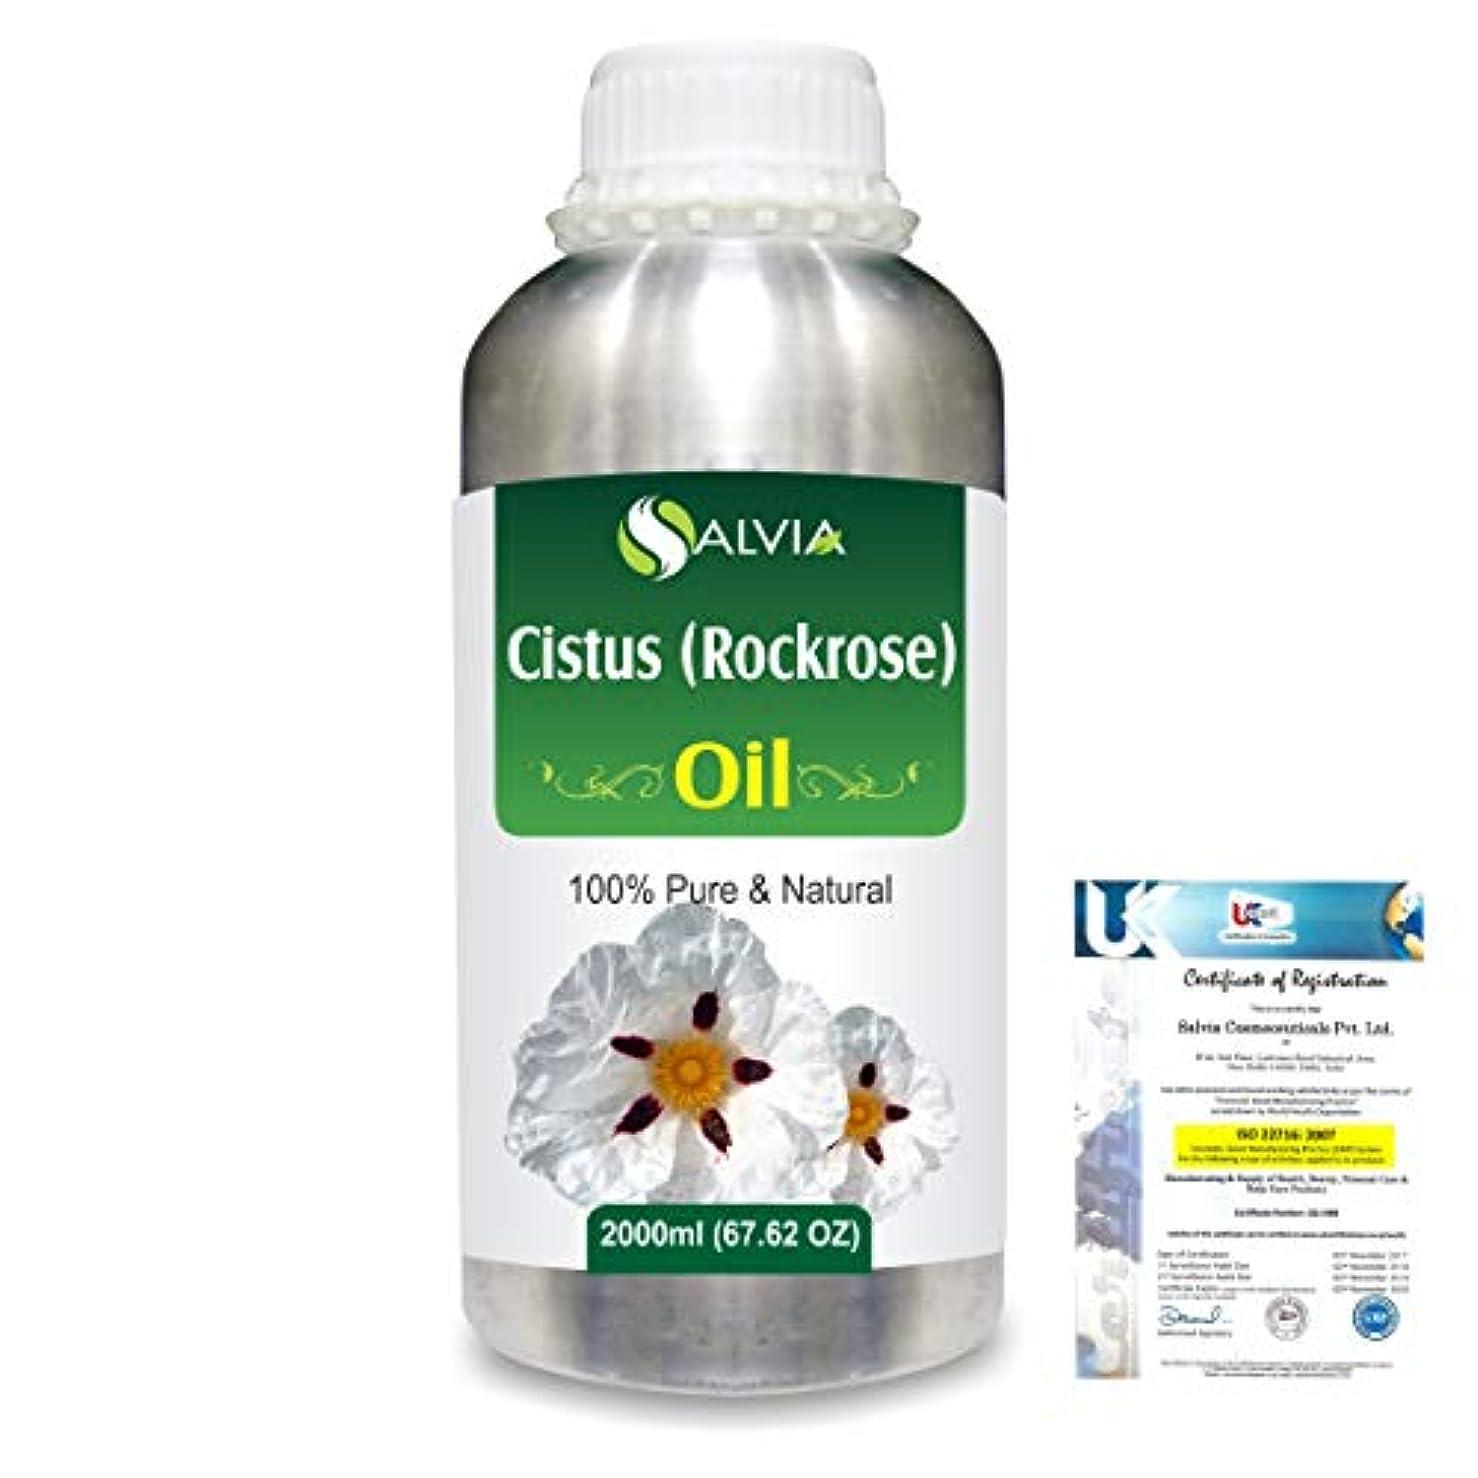 検索エンジン最適化カイウスメロドラマティックCistus (Rockrose) (Cistus ladaniferus) 100% Natural Pure Essential Oil 2000ml/67 fl.oz.